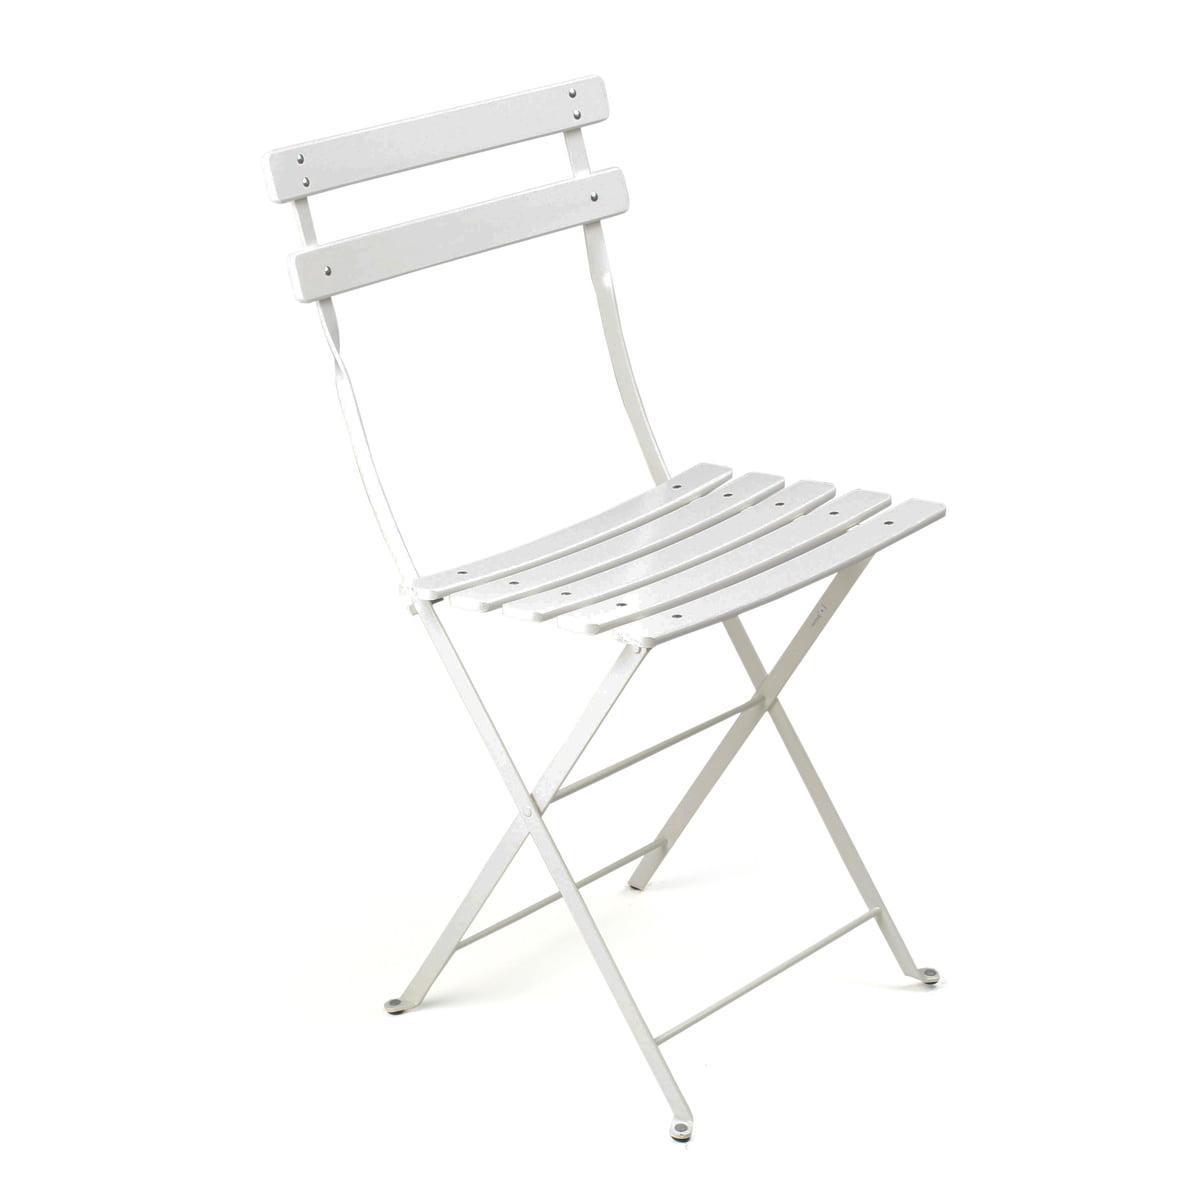 Weis Gartenstühle Online Kaufen Möbel Suchmaschine Ladendirektde